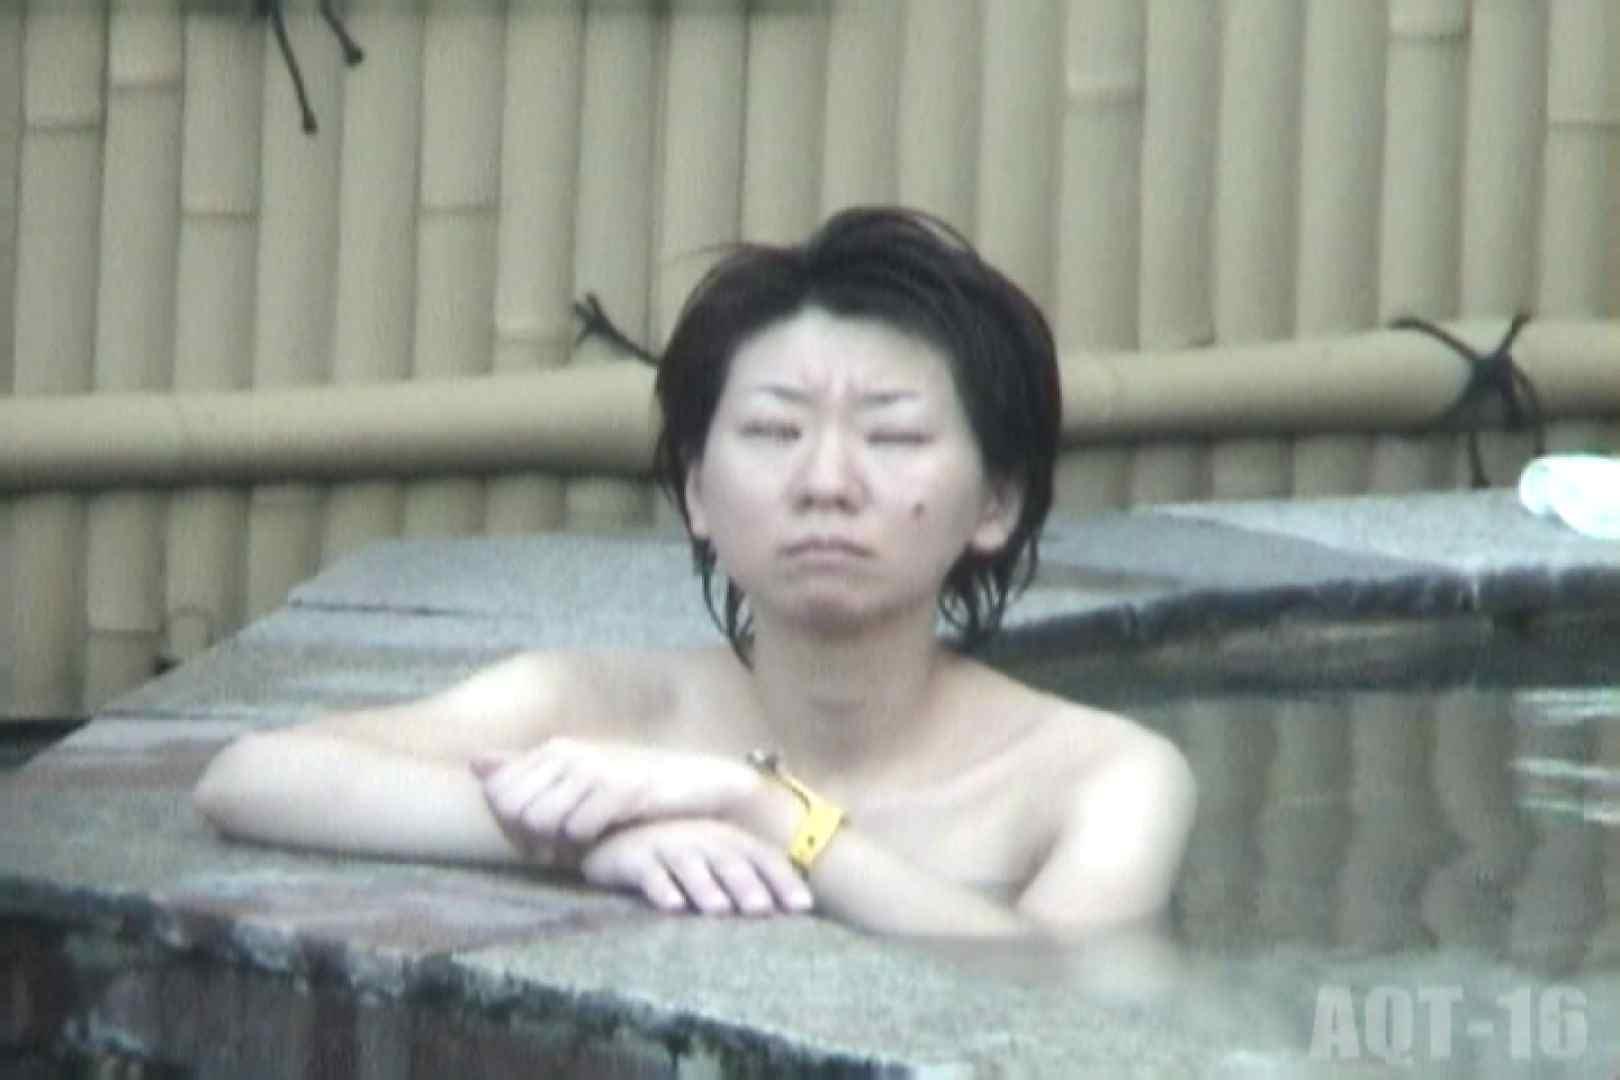 Aquaな露天風呂Vol.842 盗撮   OLすけべ画像  44連発 37